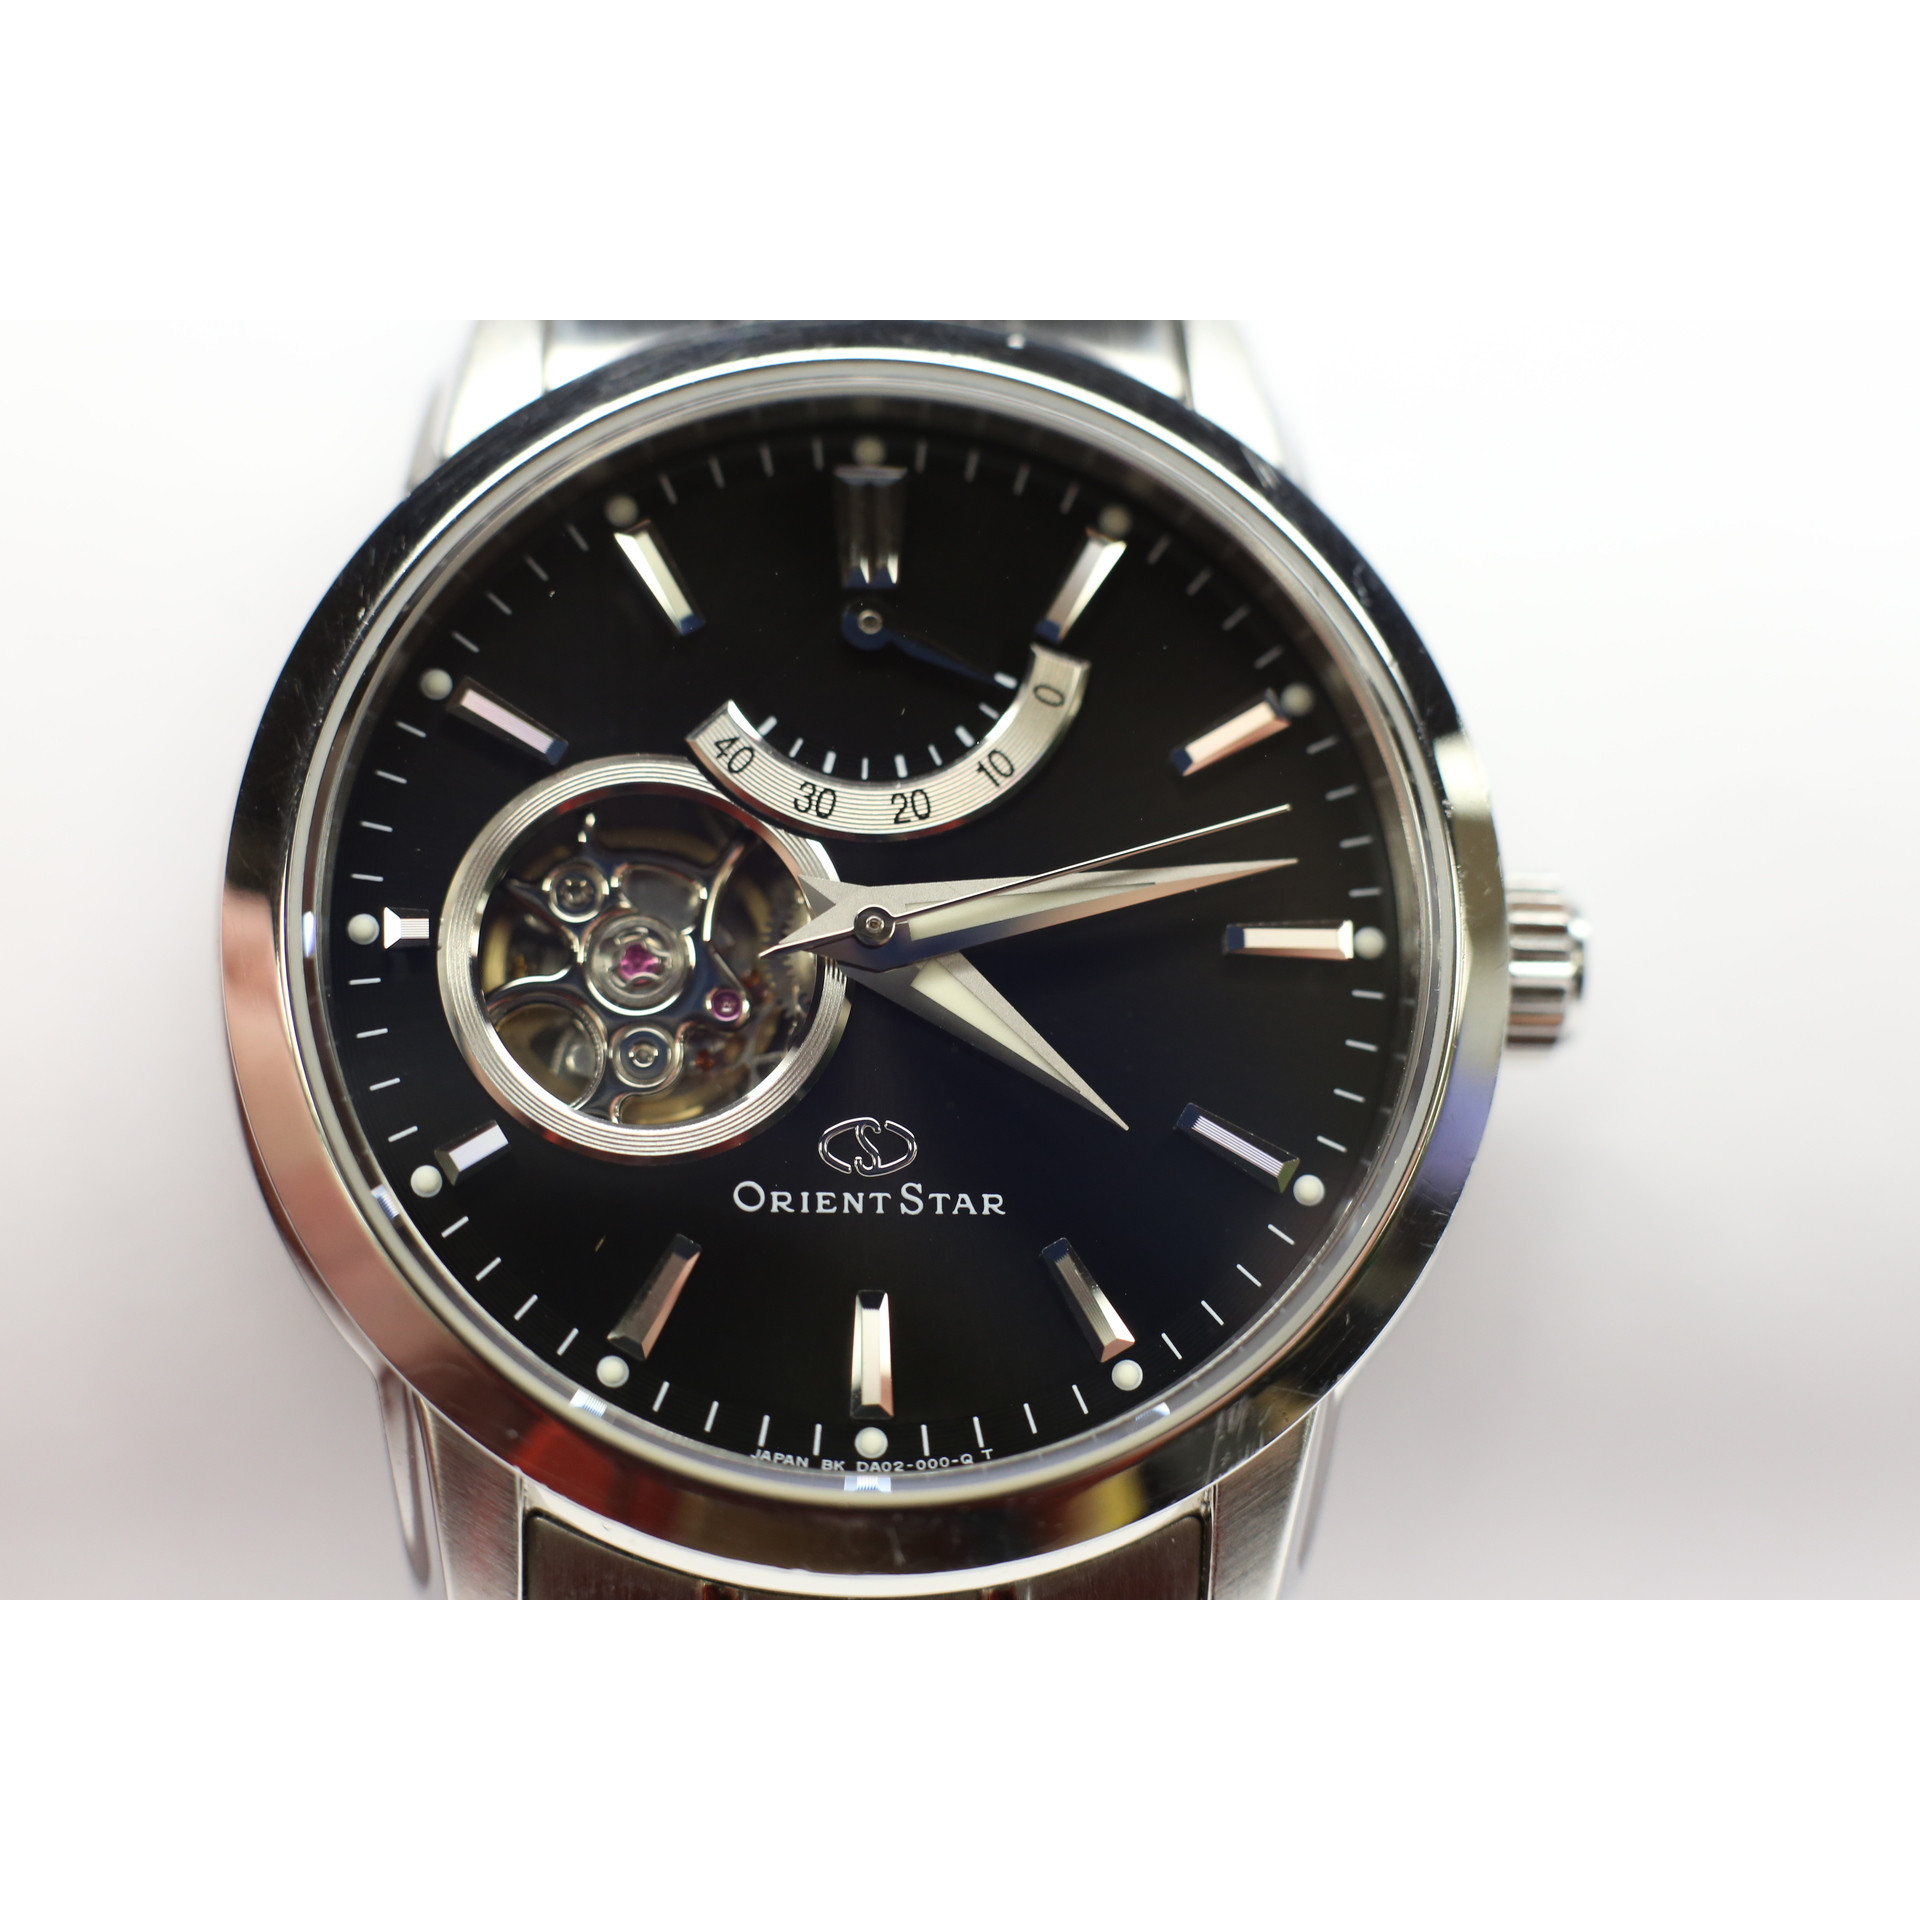 228e58839cb Orient Star Automatic Semi Skeleton Mens Watch (WZ0041DA) Pre-owned